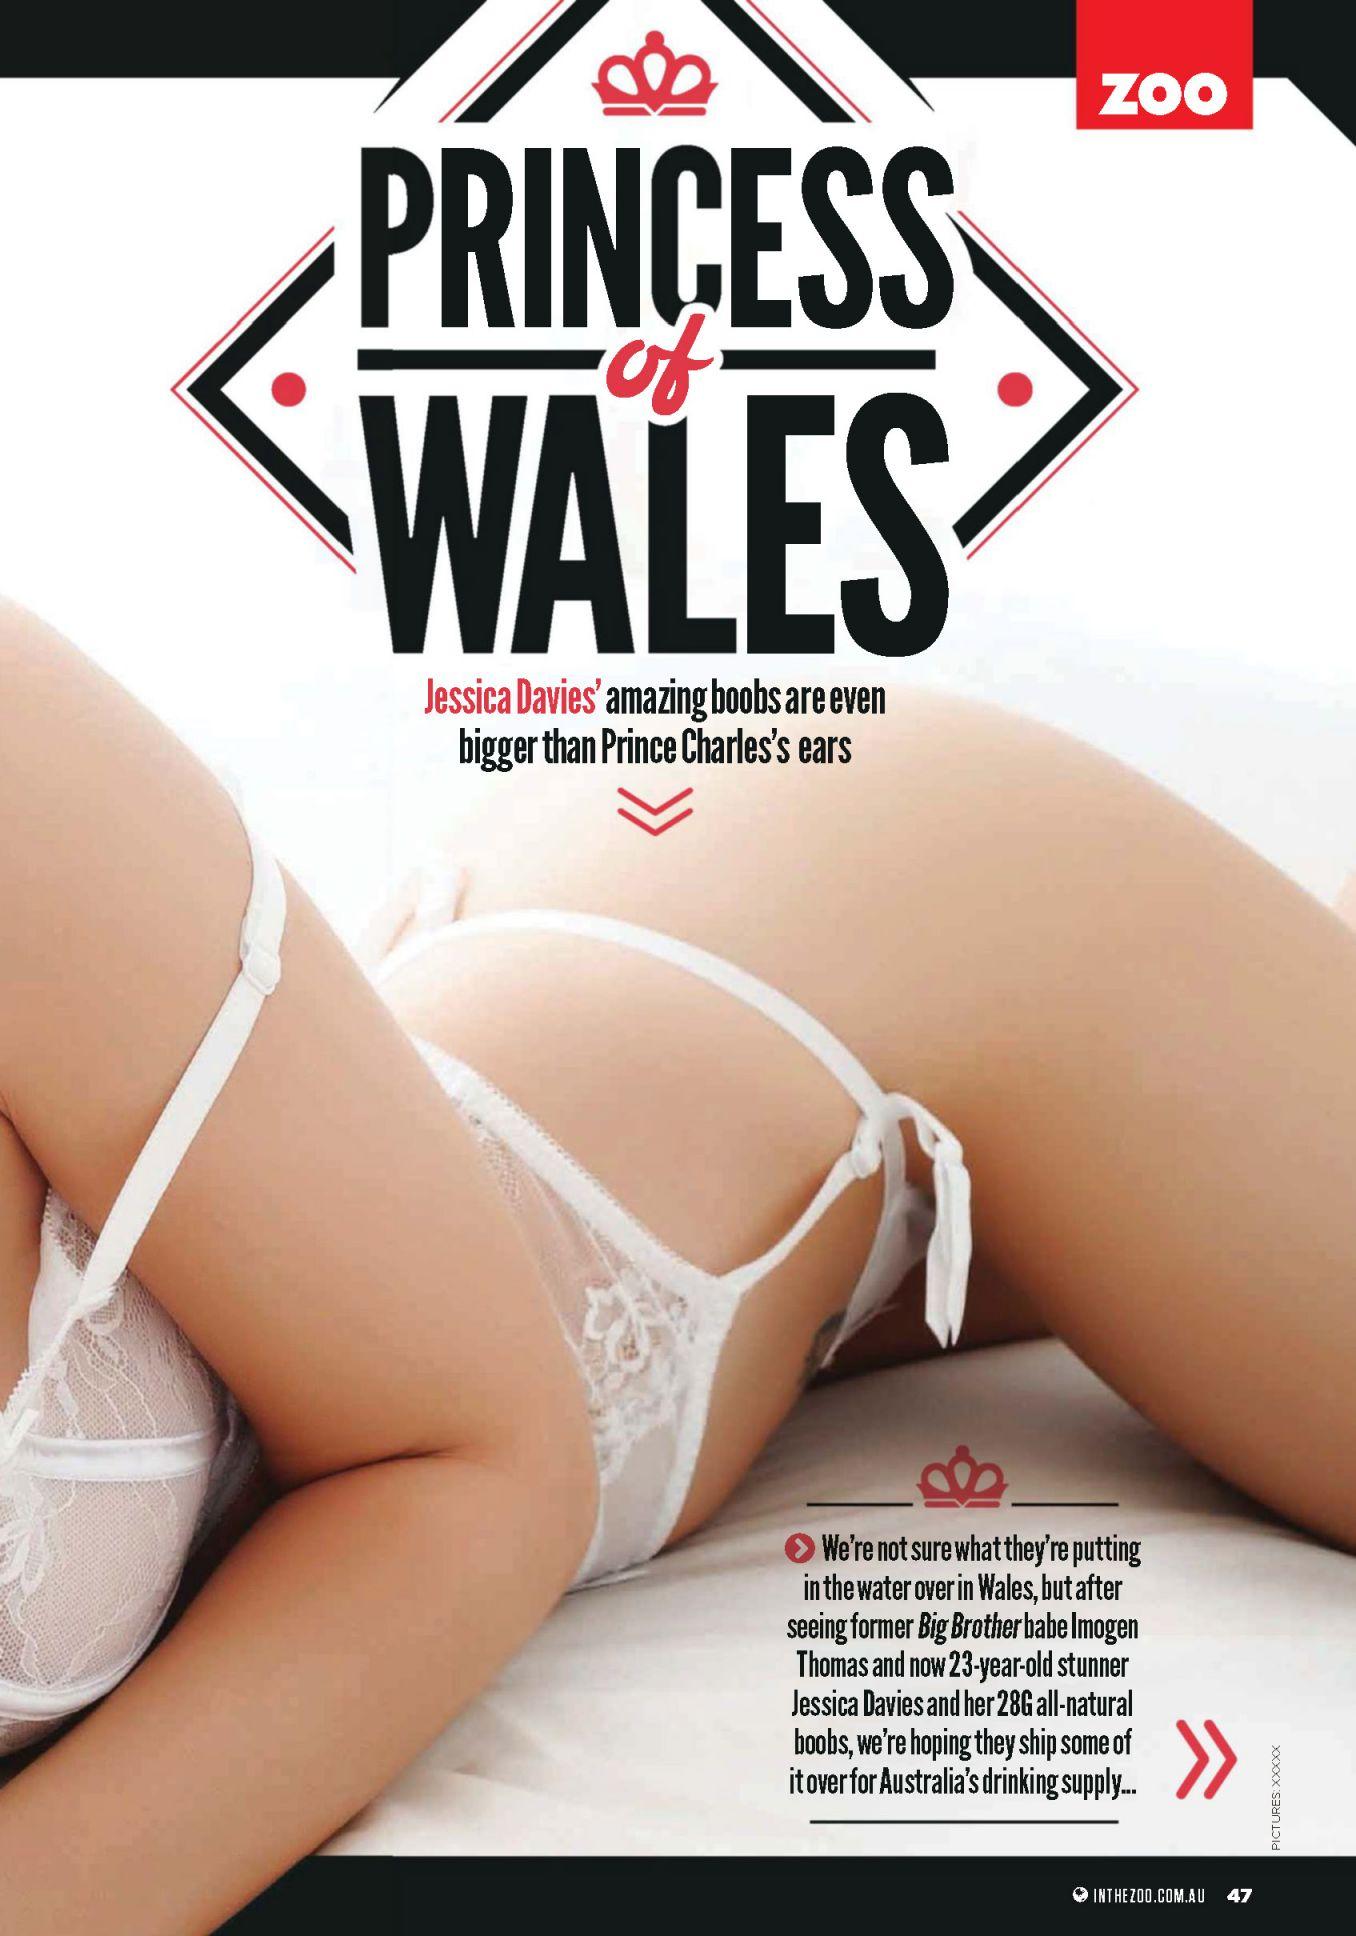 Jessica Davies Bikini Pic...